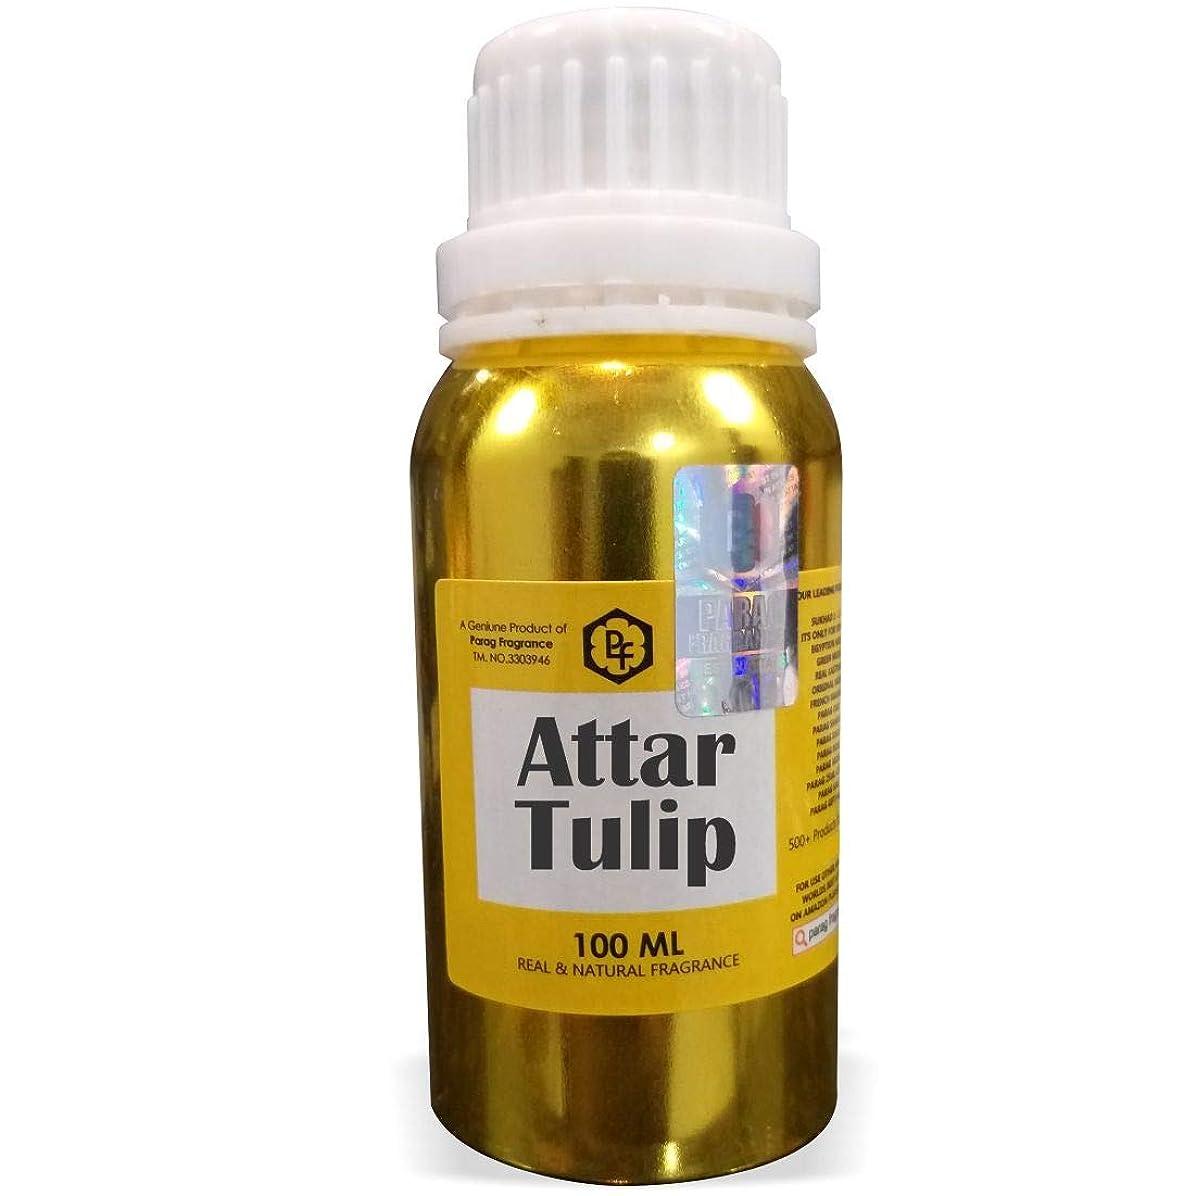 ボタン心理的シャッフルParagフレグランスチューリップアター100ミリリットル(男性用アルコールフリーアター)香油| 香り| ITRA